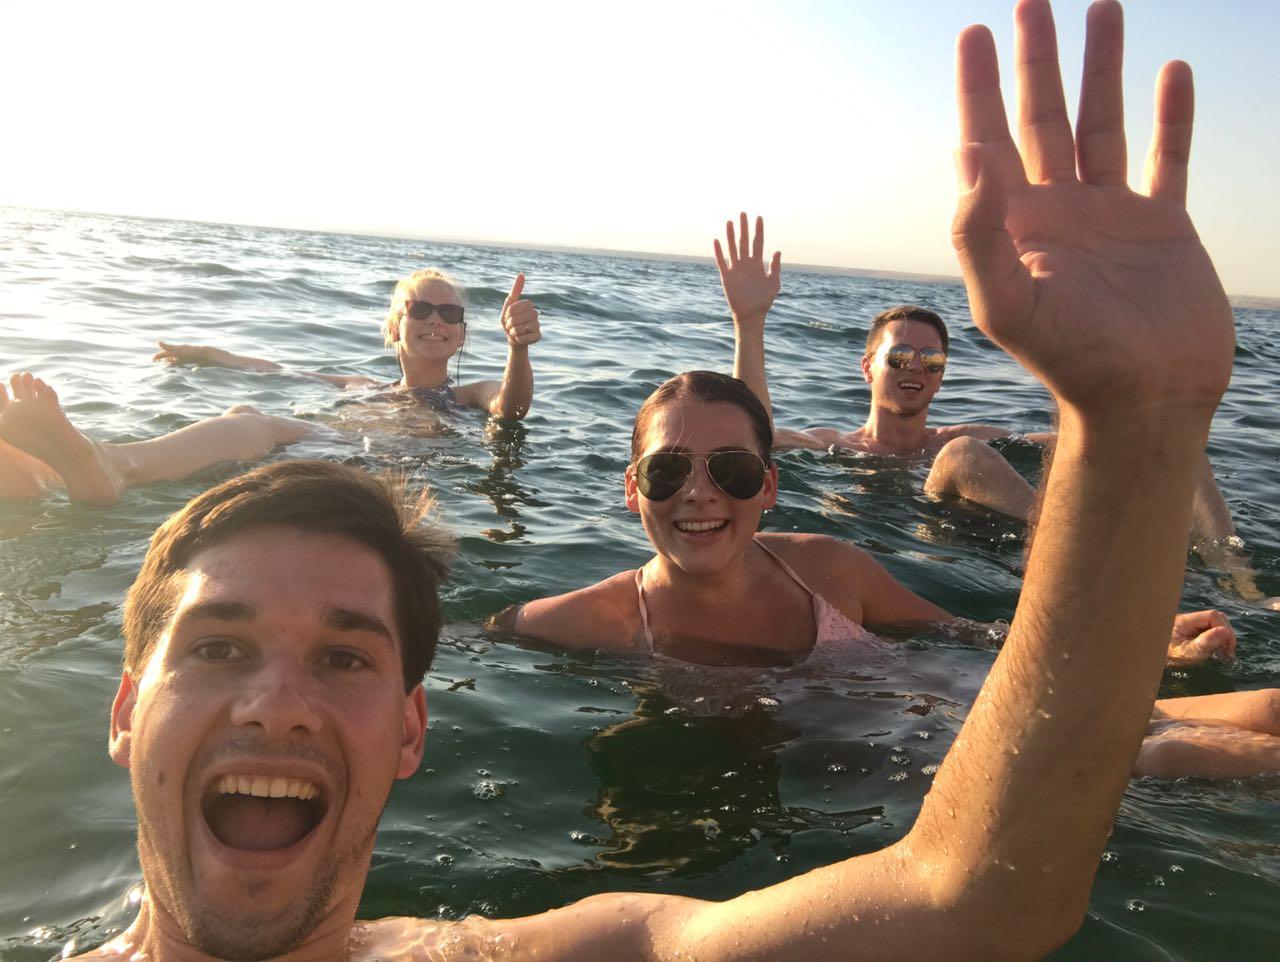 Mit dem Smartphone auf dem Wasser schweben